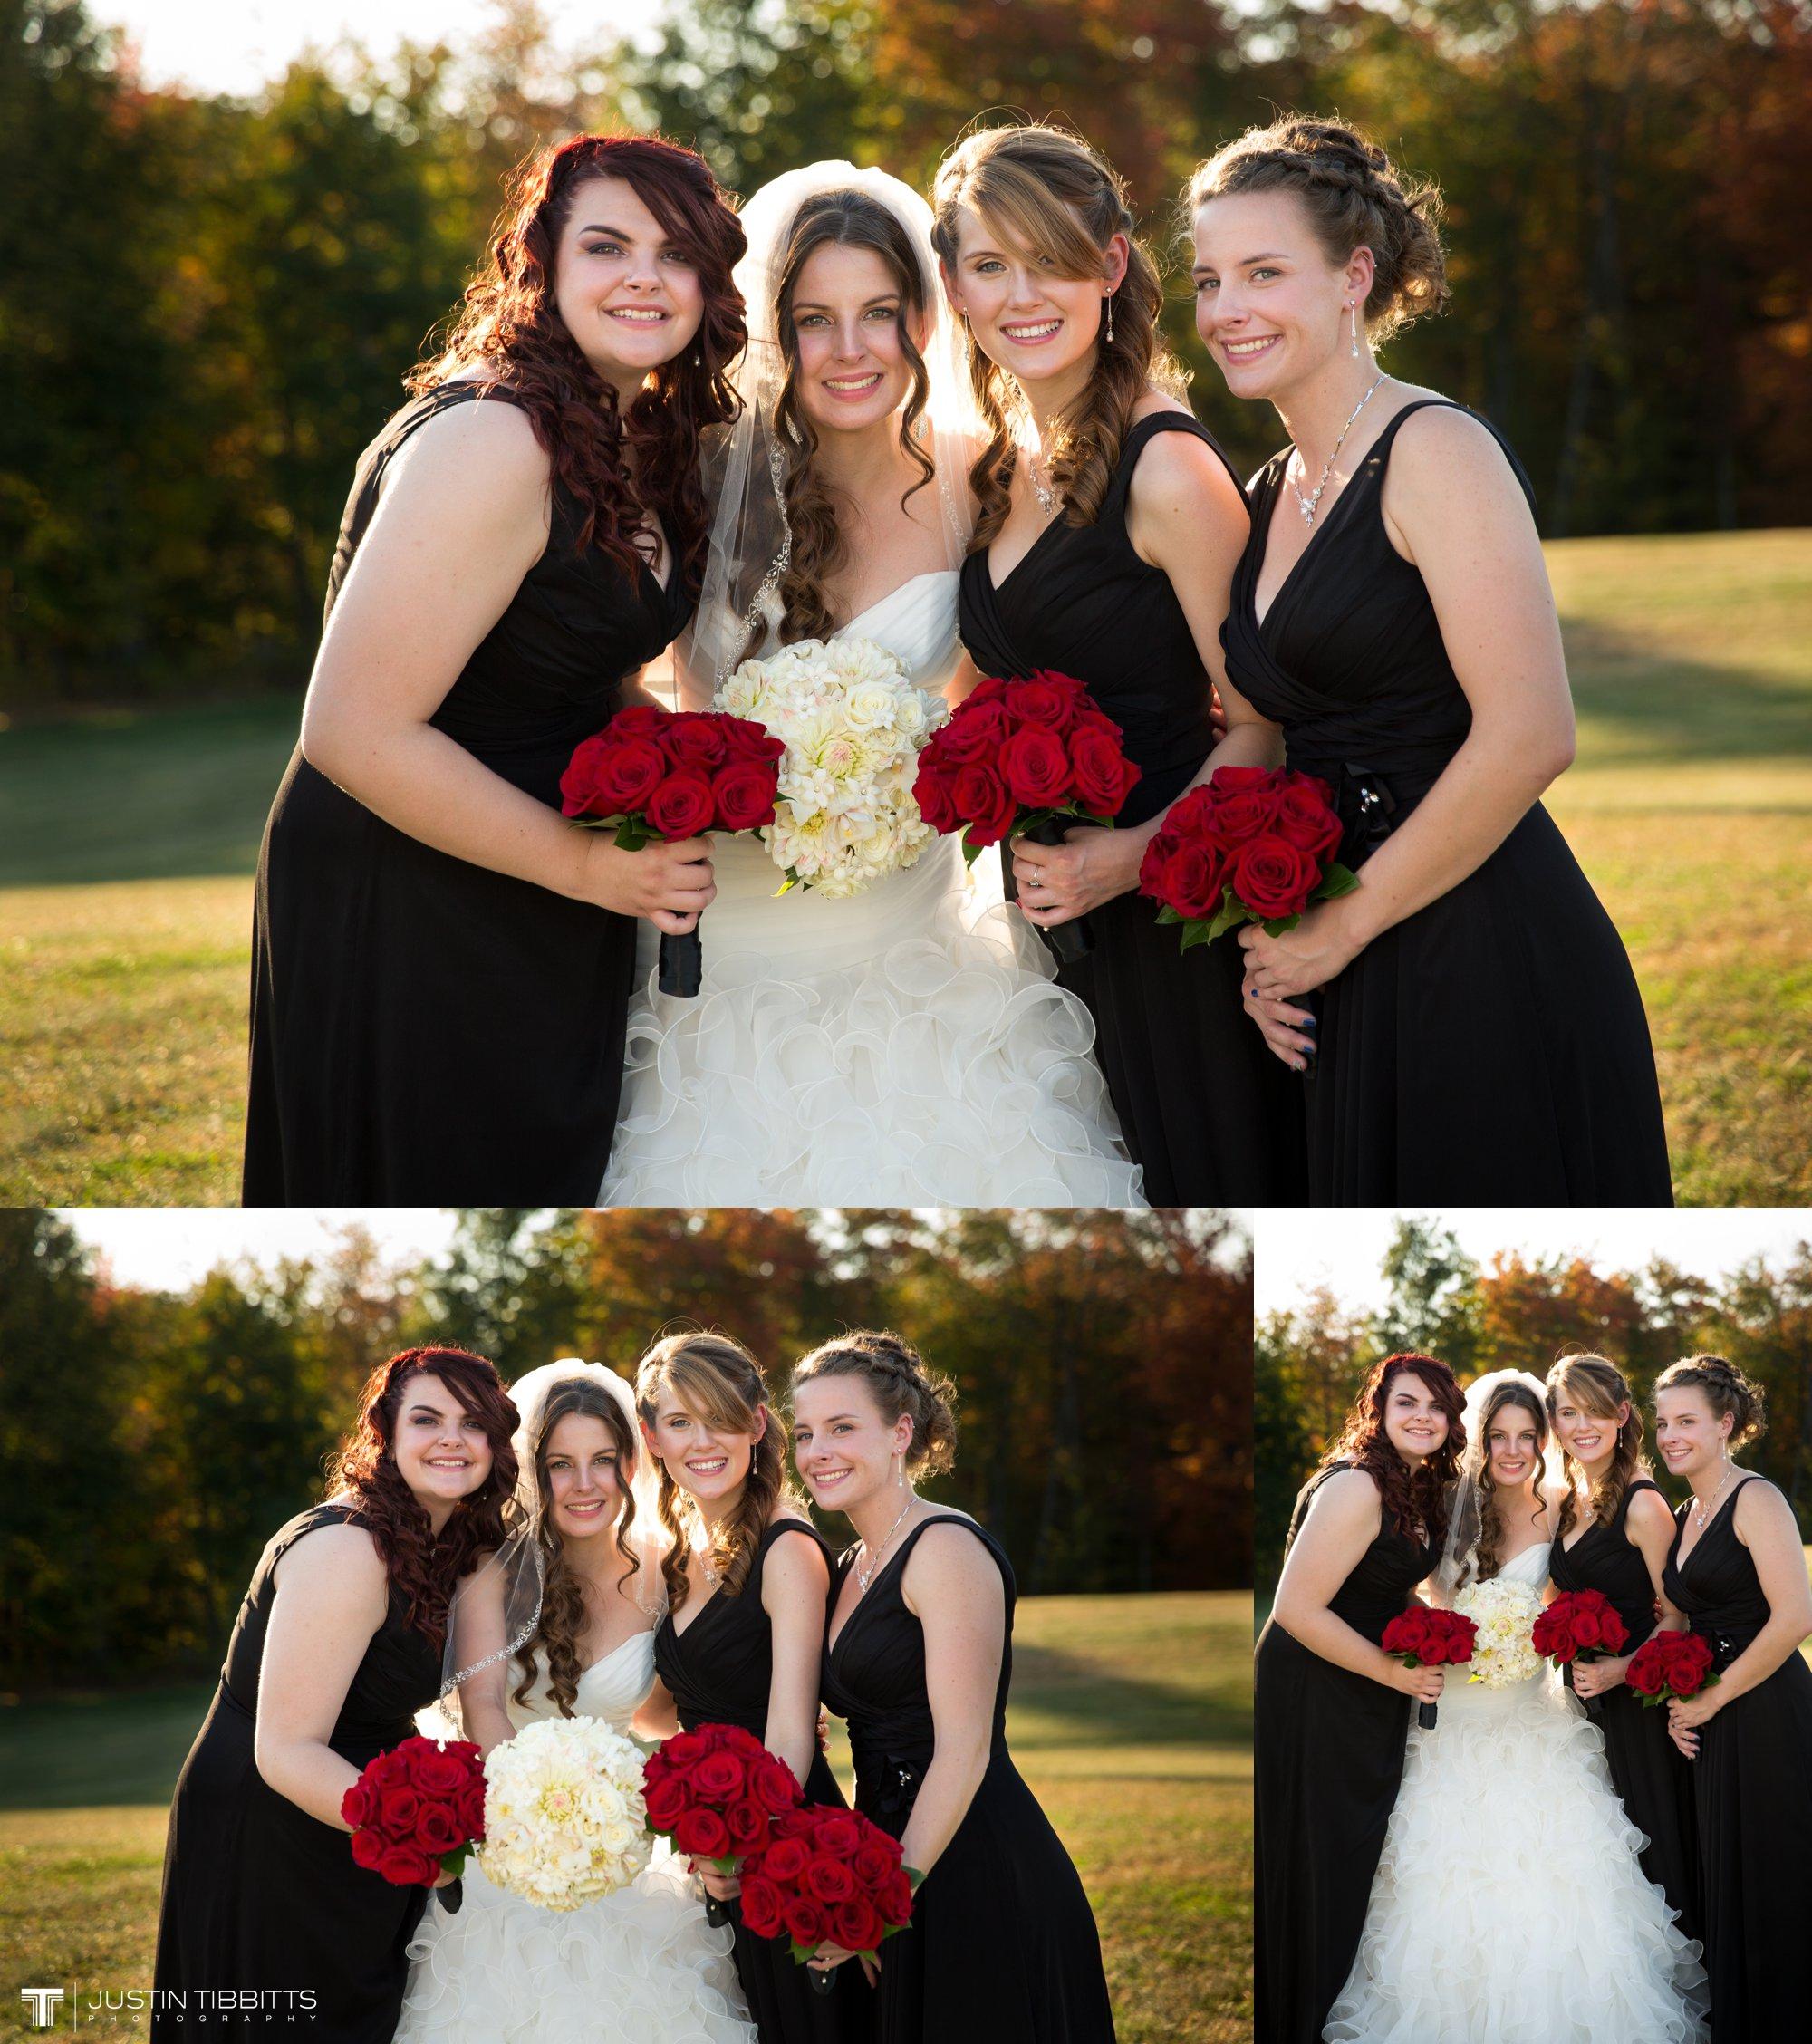 Albany NY Wedding Photographer Justin Tibbitts Photography 2014 Best of Albany NY Weddings-182720